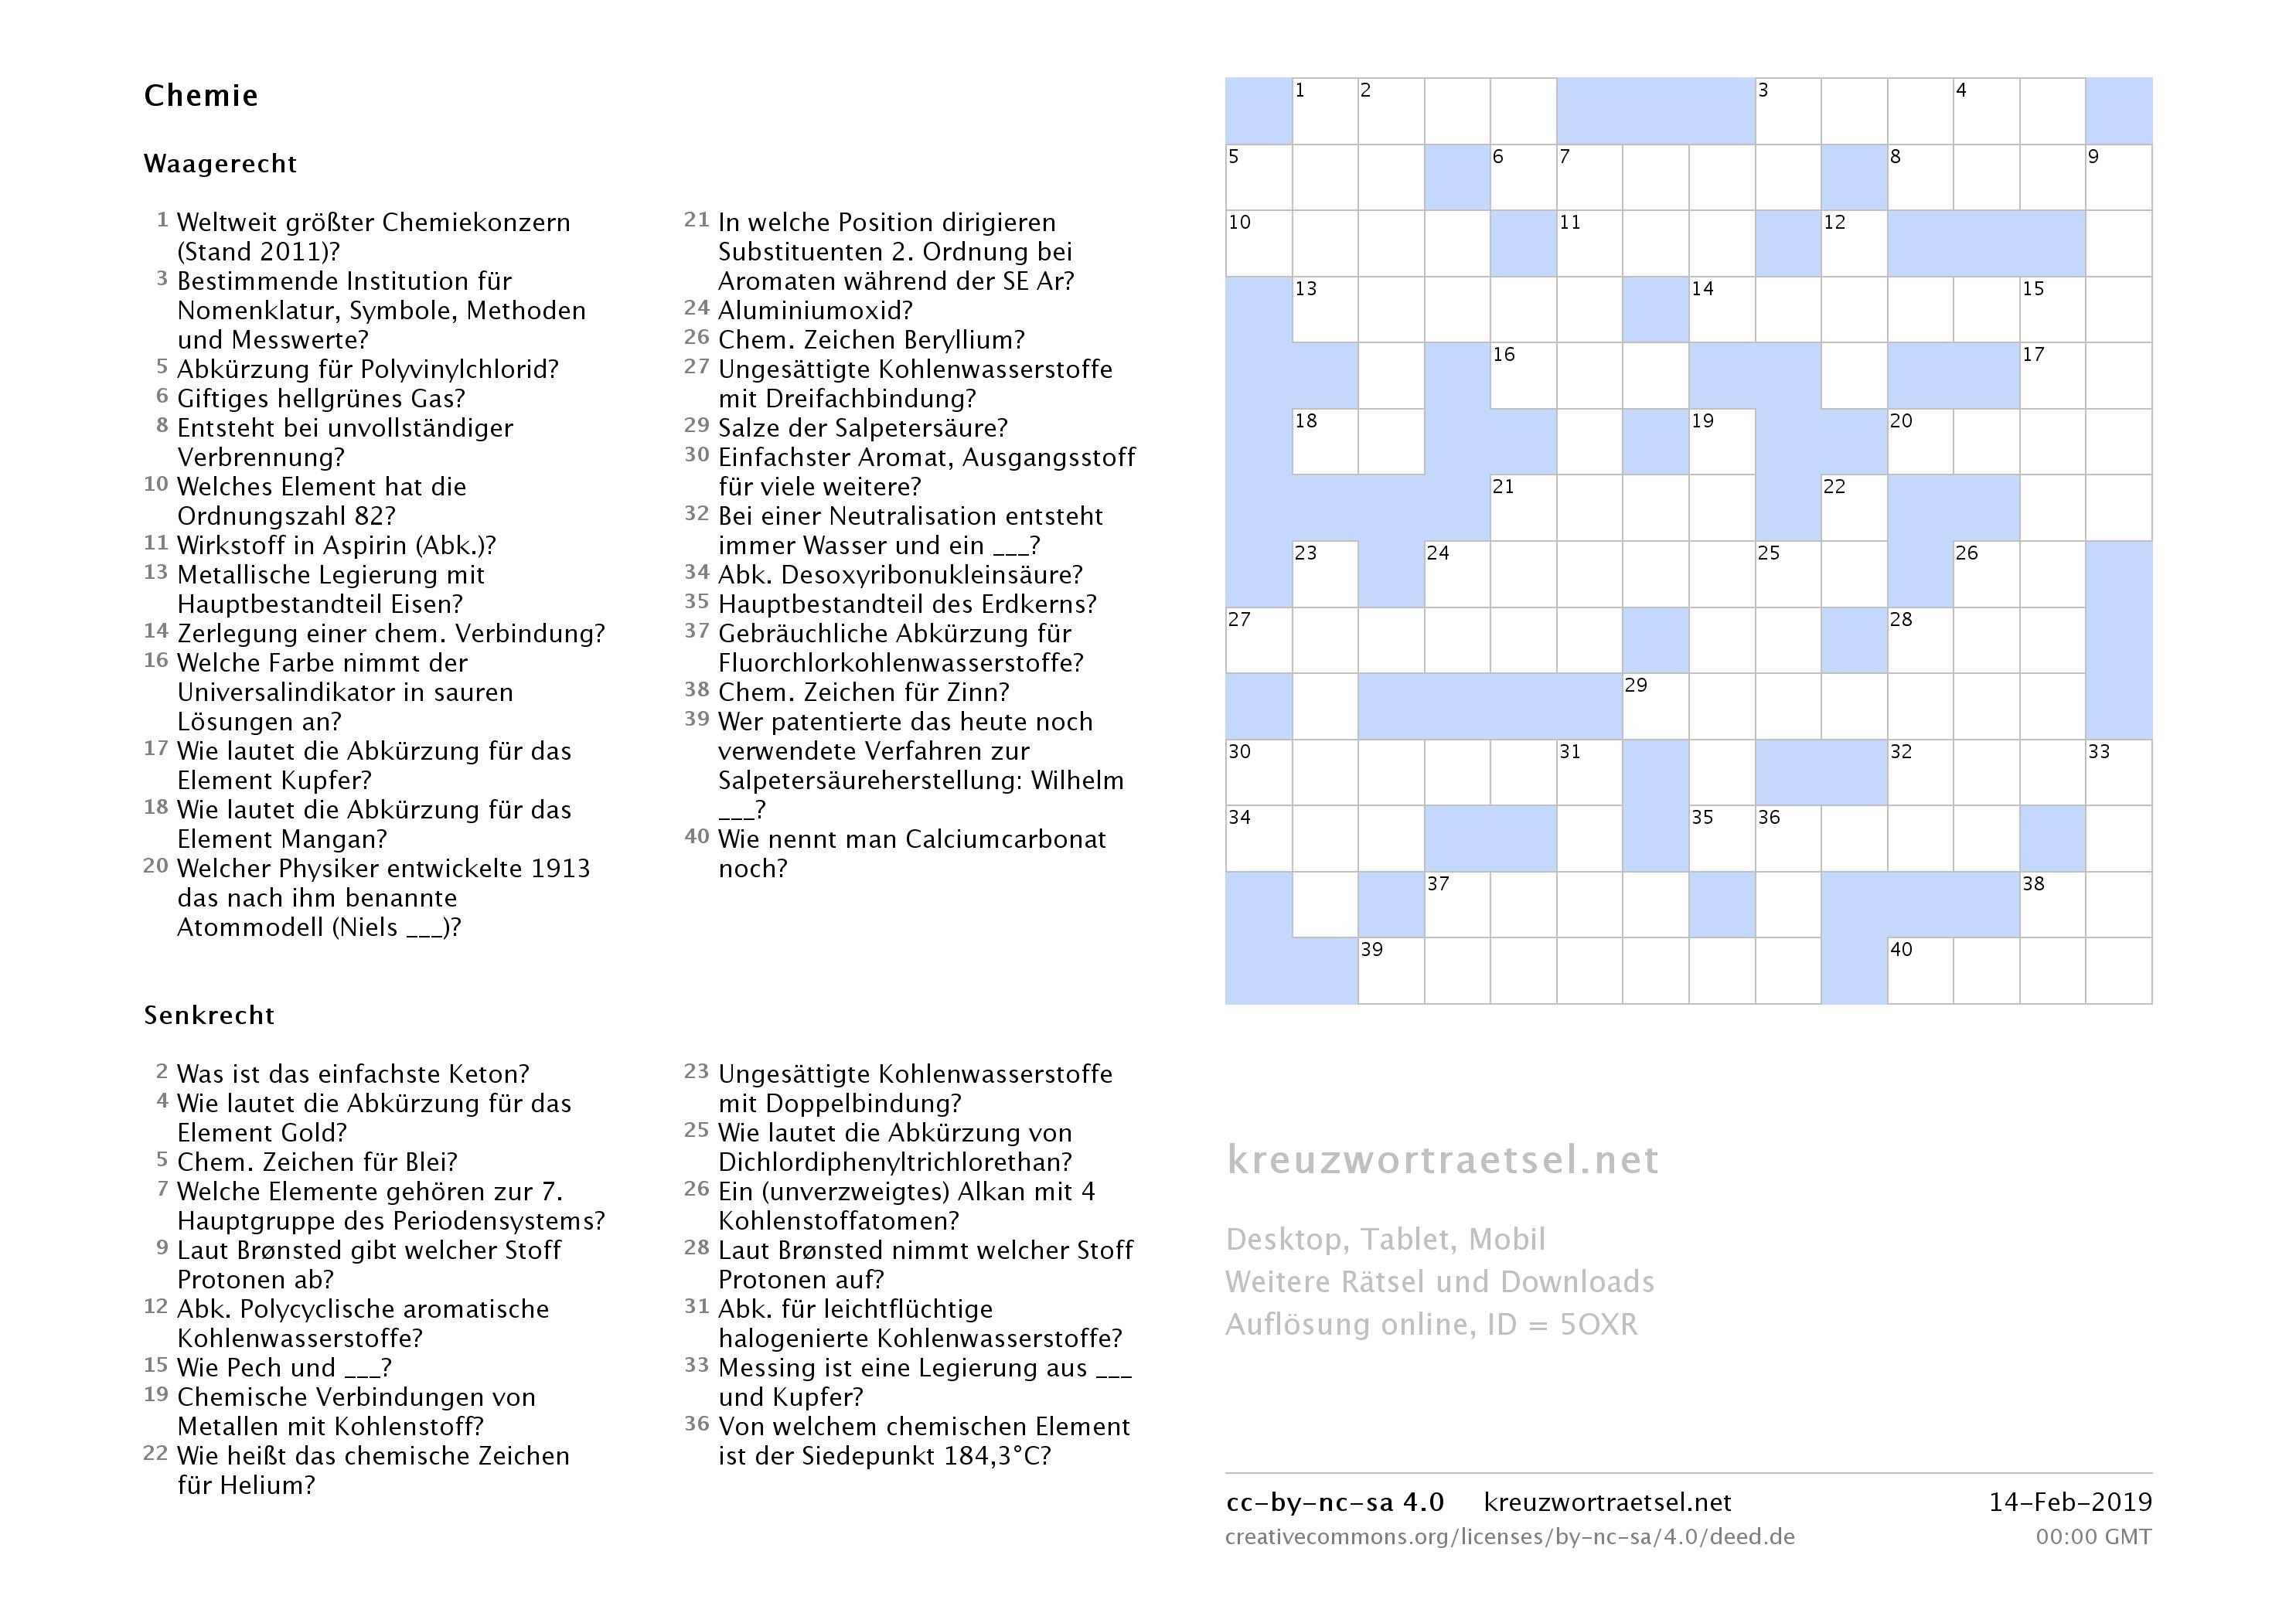 Wortsuchrätsel Zum Ausdrucken Inspirierend Kreuzworträtsel Zum Ausdrucken Kreuzworträtsel Bilder